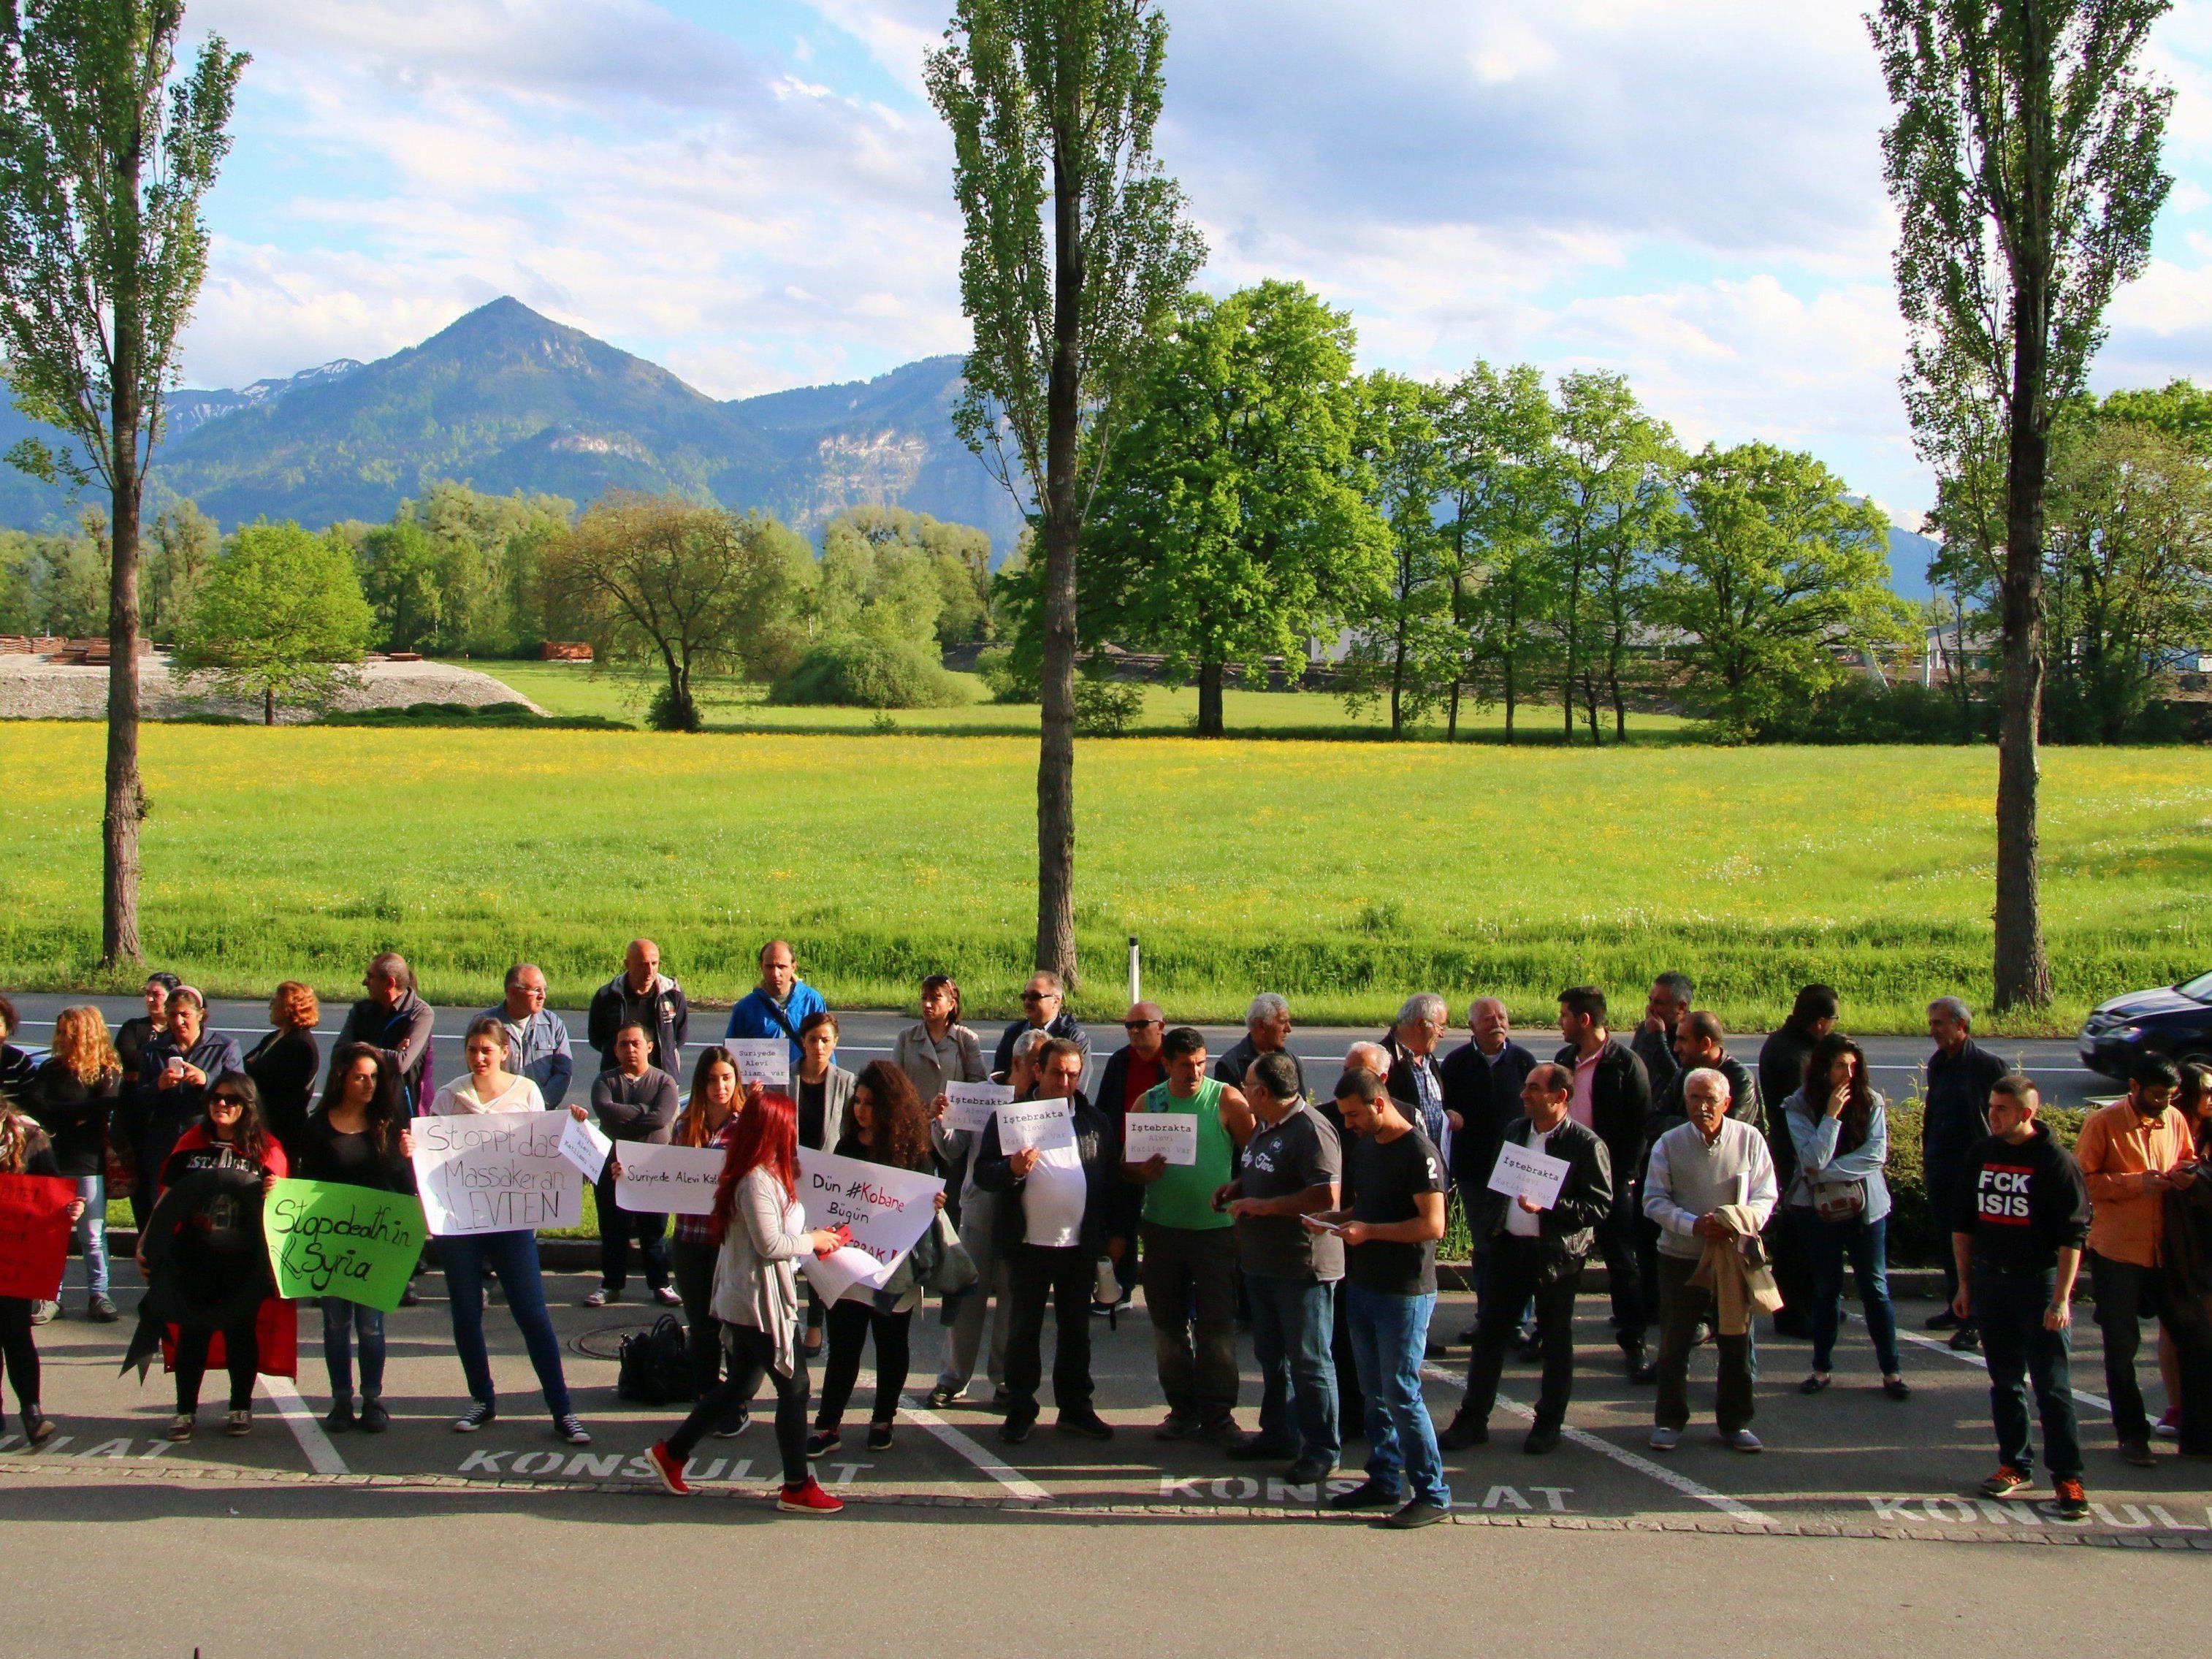 Aleviten demonstrierten vor türkischem Konsulat in Wolfurt.